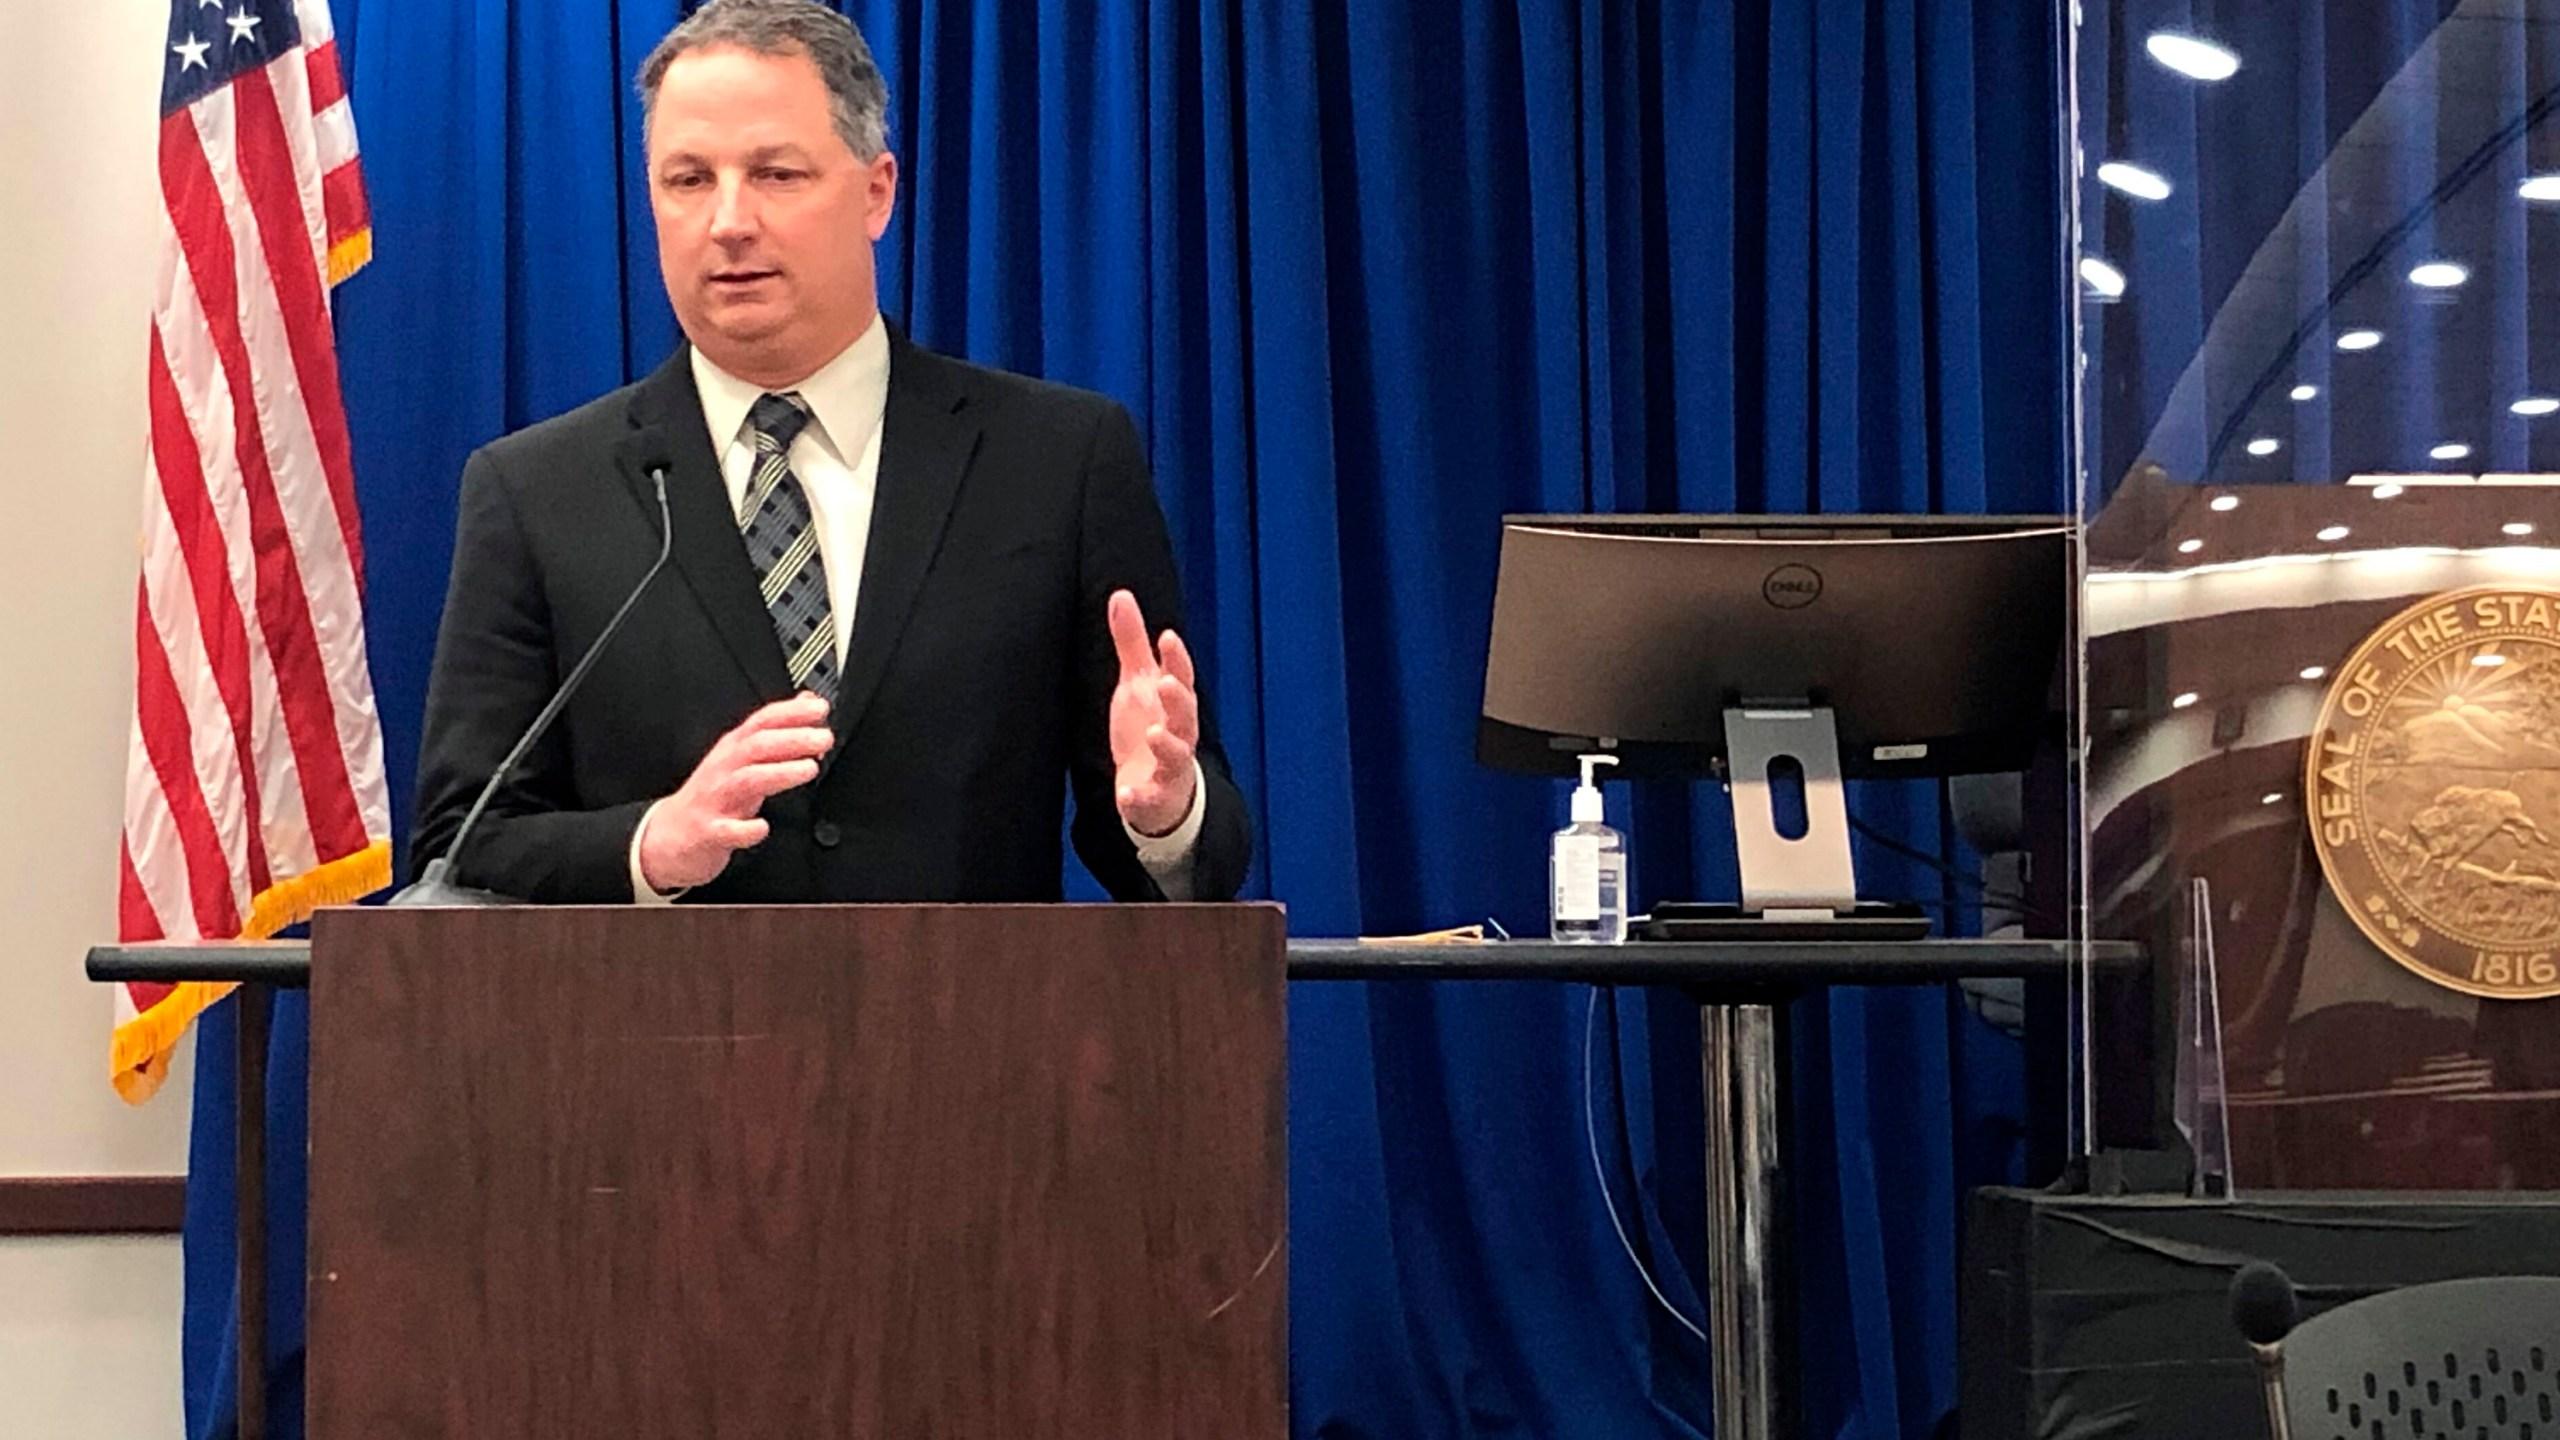 Indiana House Speaker Todd Huston